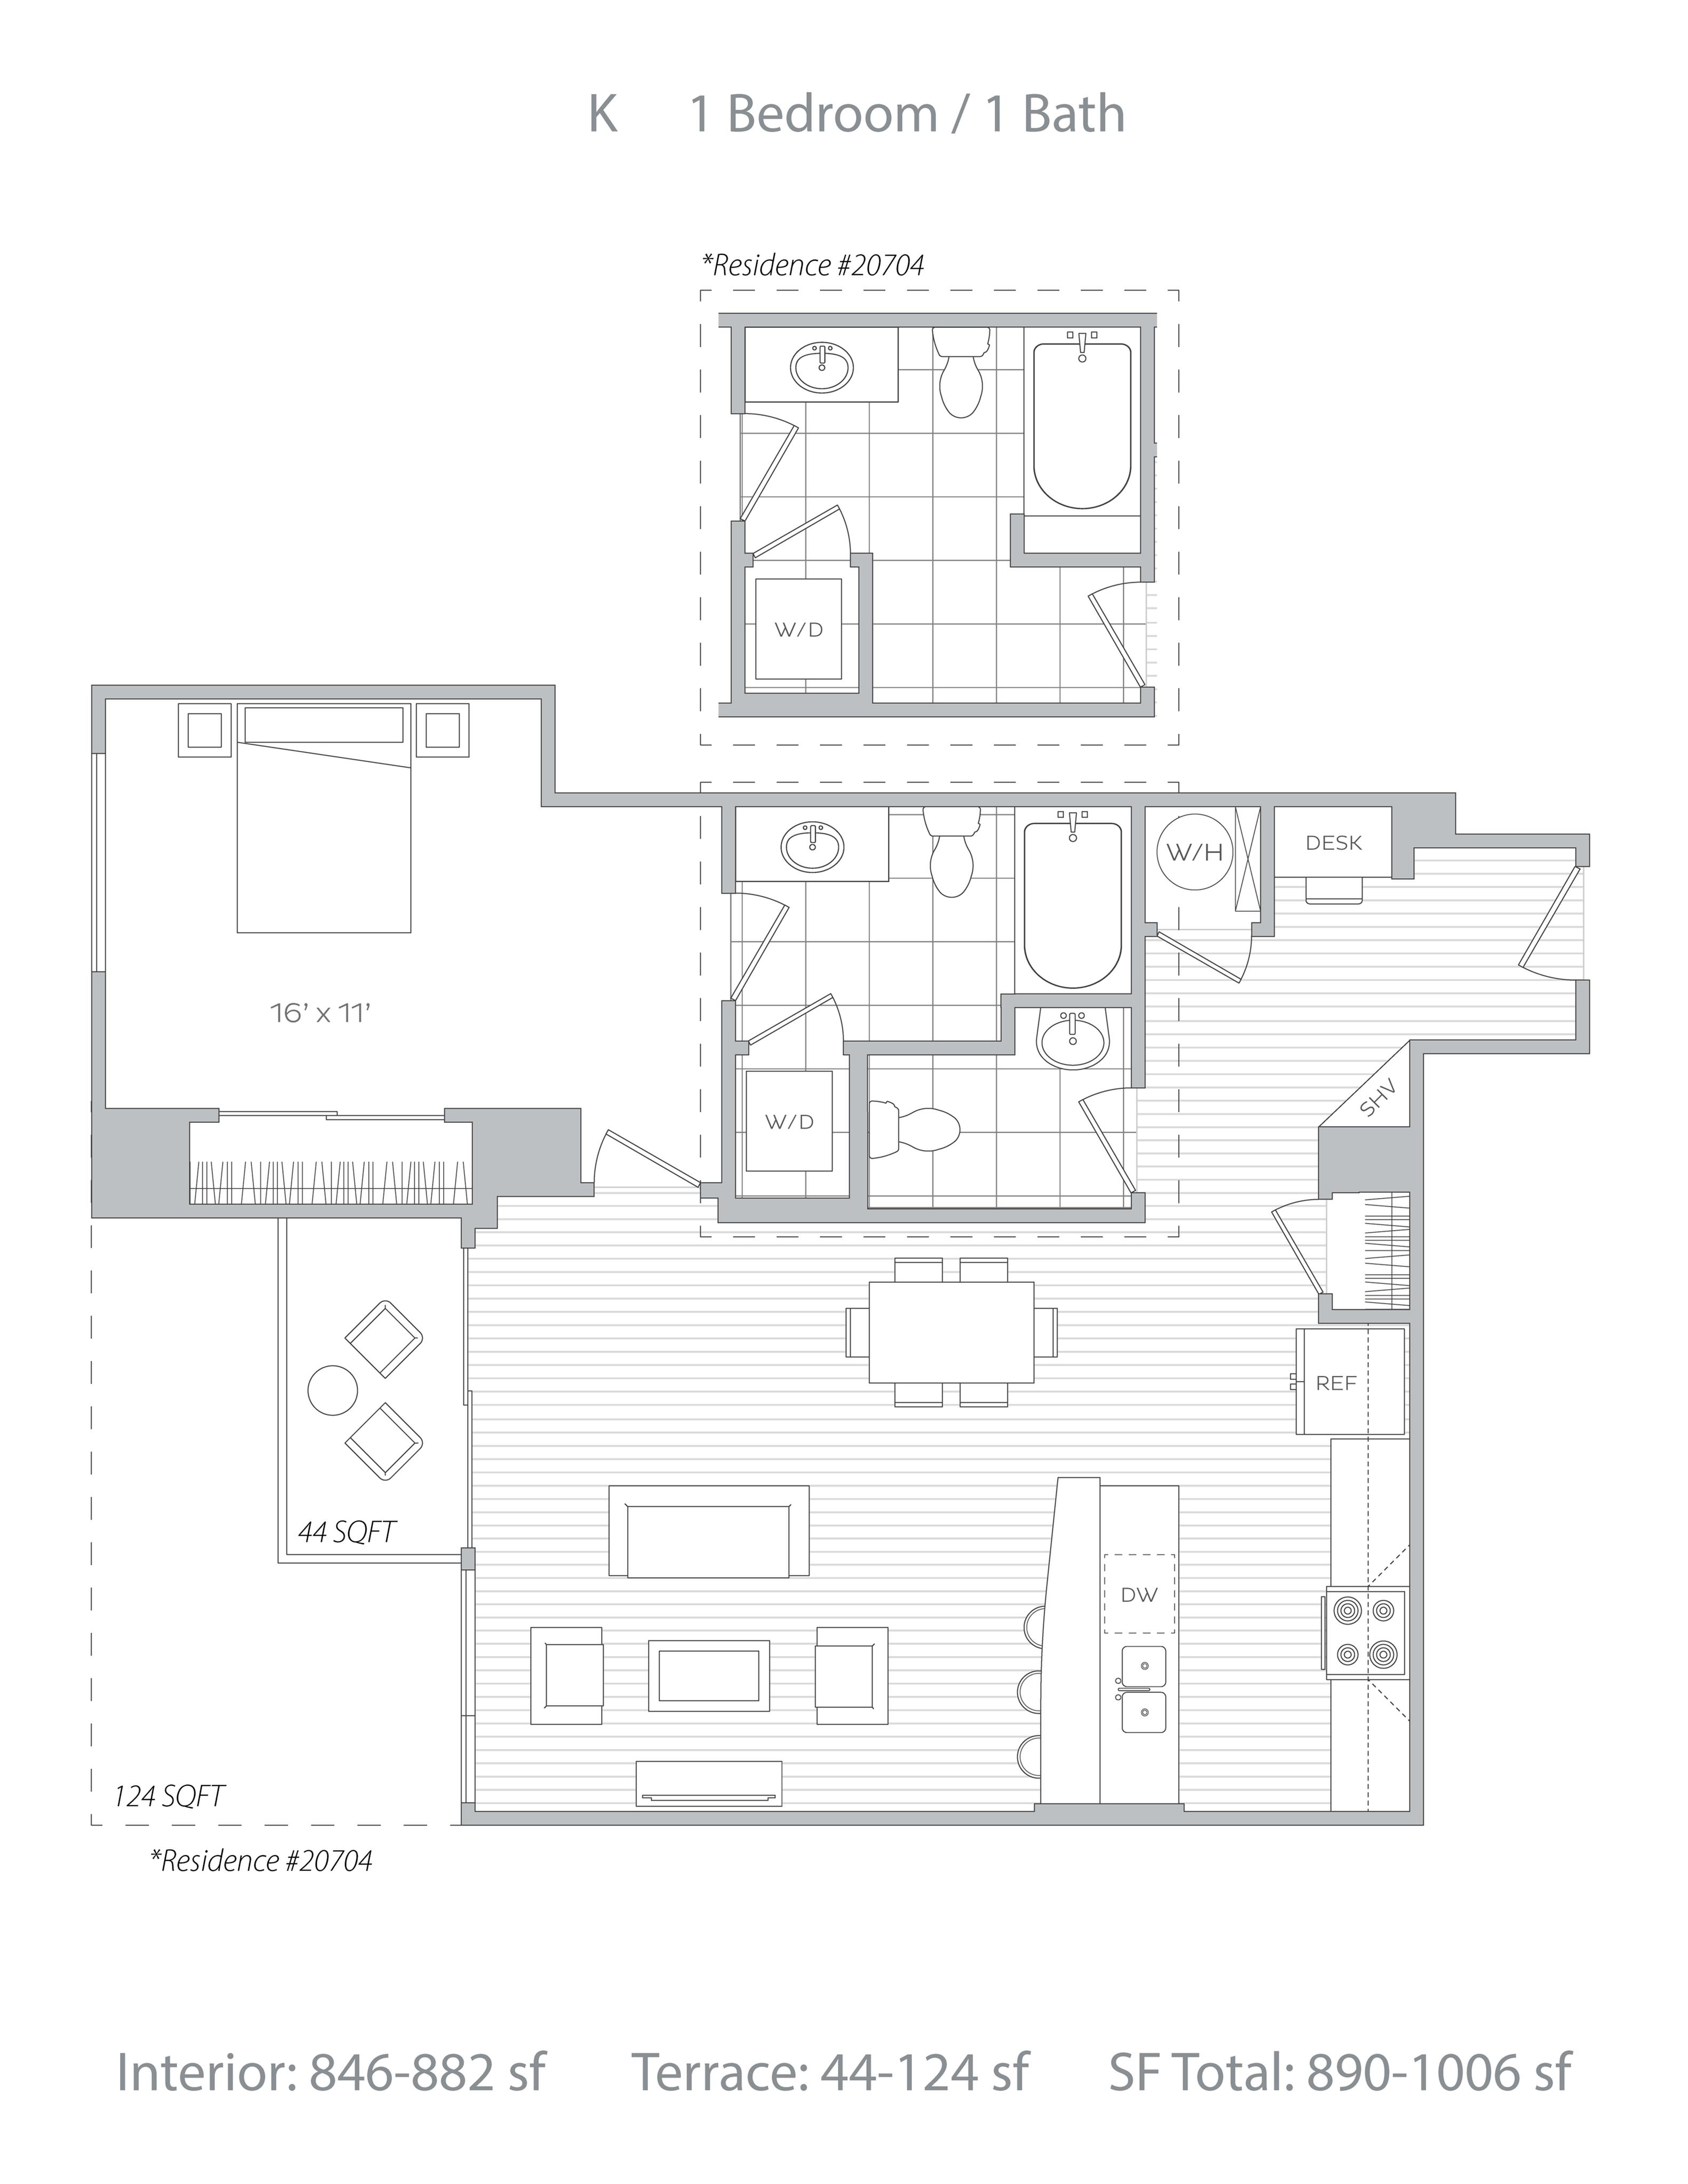 K Floor Plan